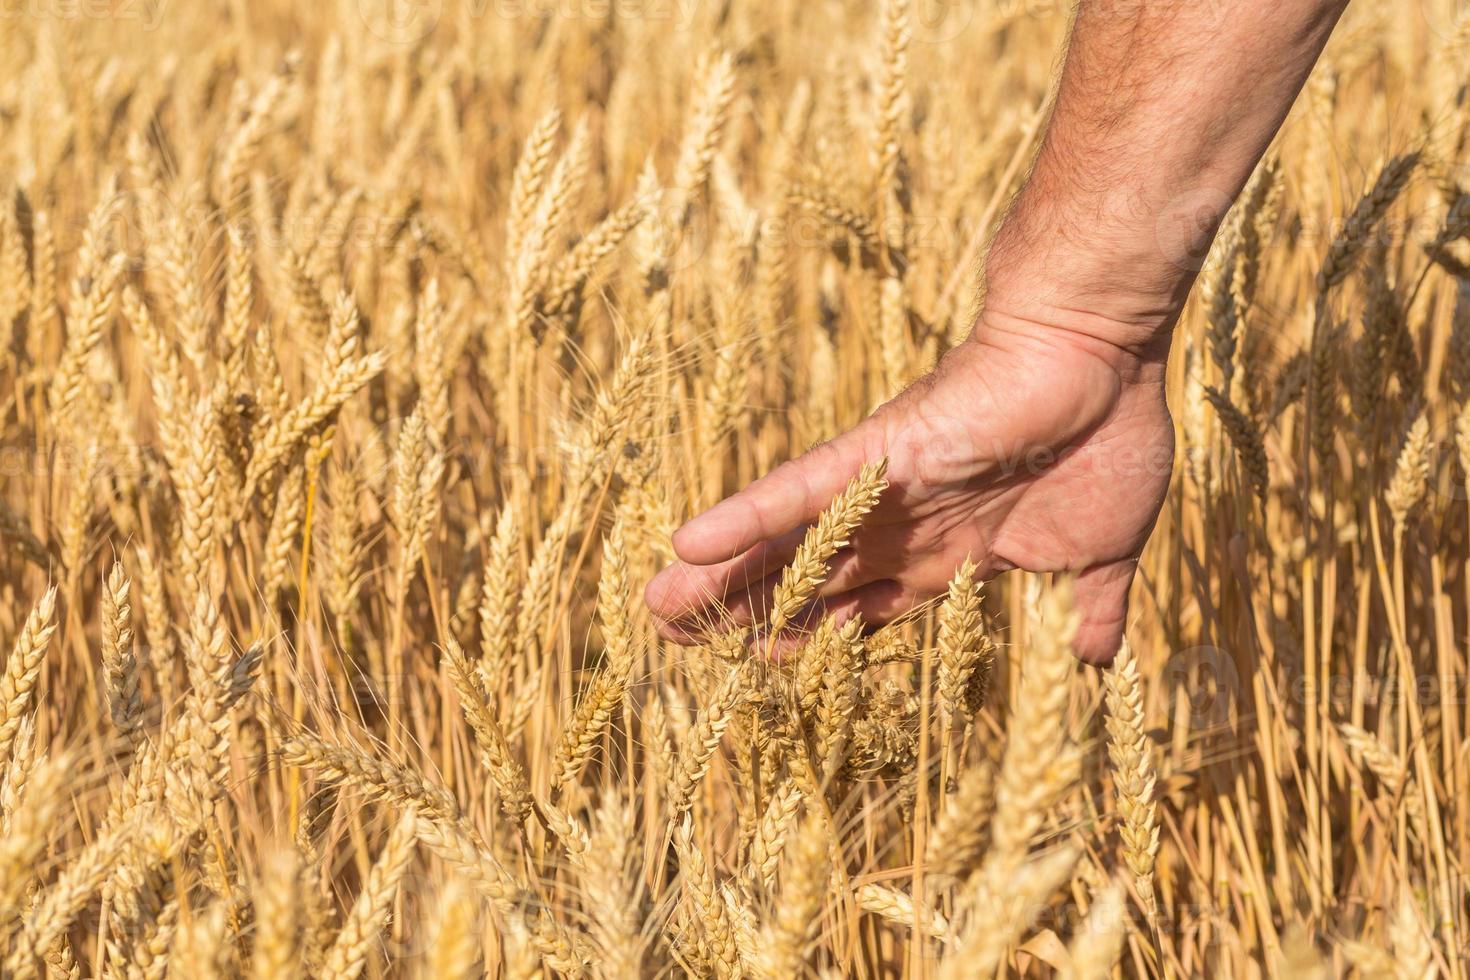 épis de blé doré mûrs dans sa main photo